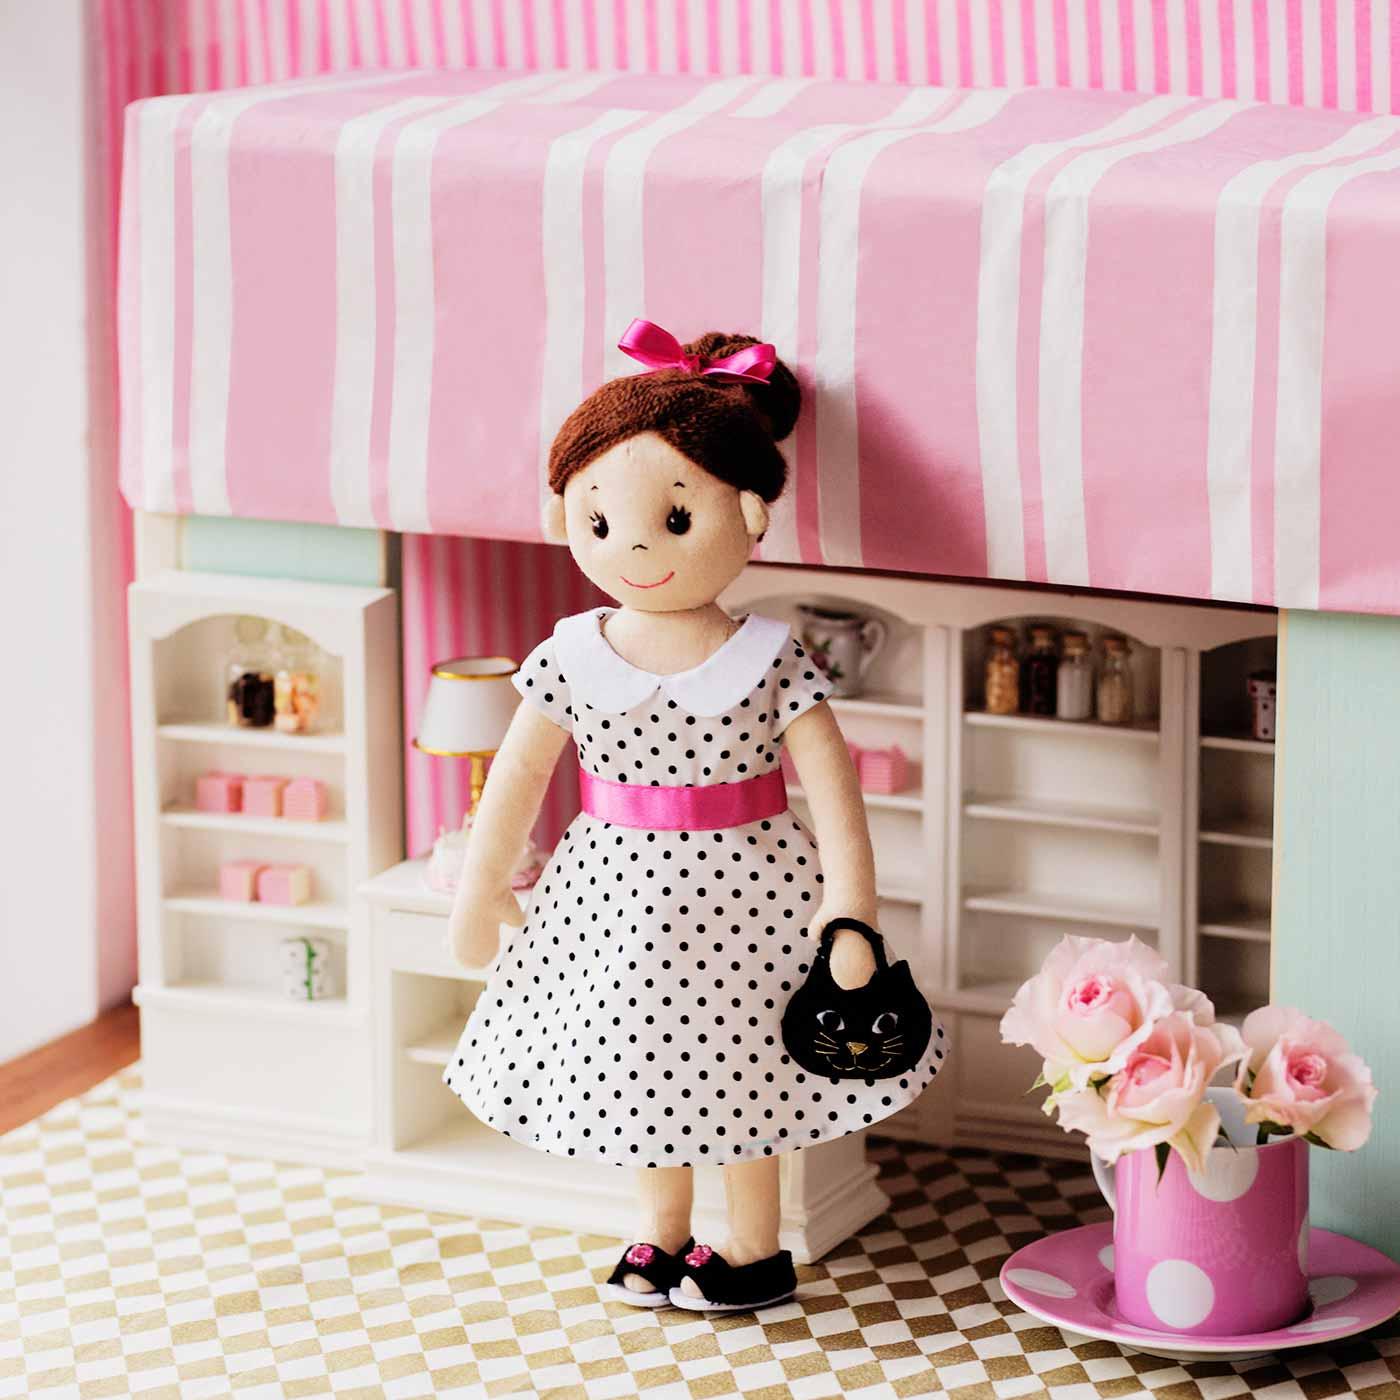 フェリシモ 個性いっぱい 愛情たっぷり コーディネイトを楽しむ きせかえ人形のお洋服の会